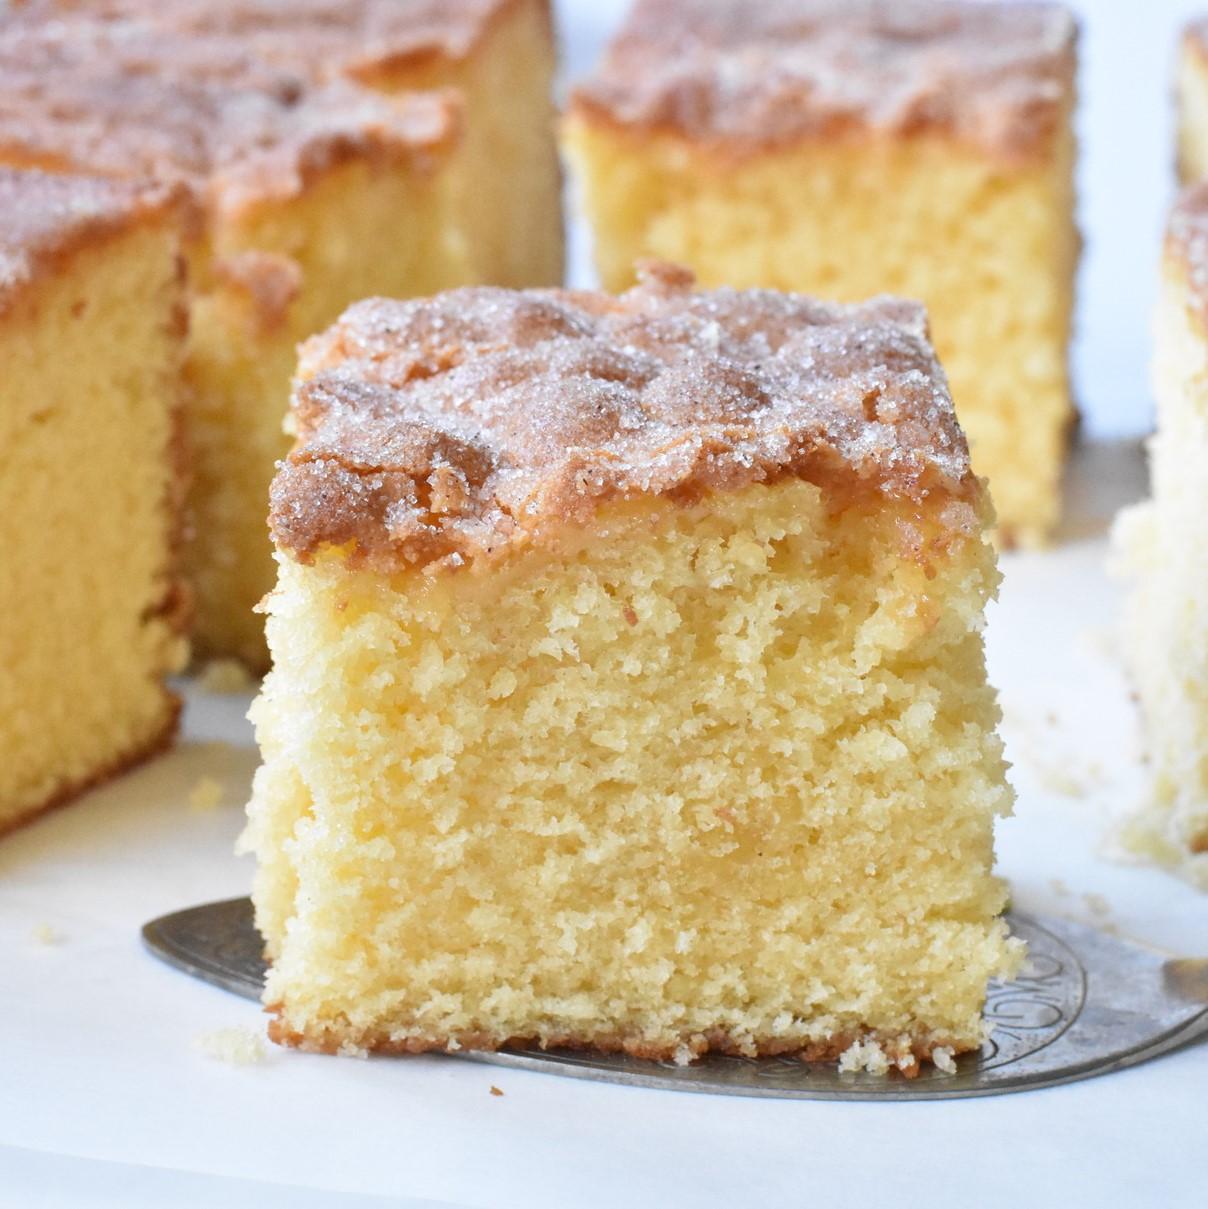 Cinnamon Tea Cake slices.